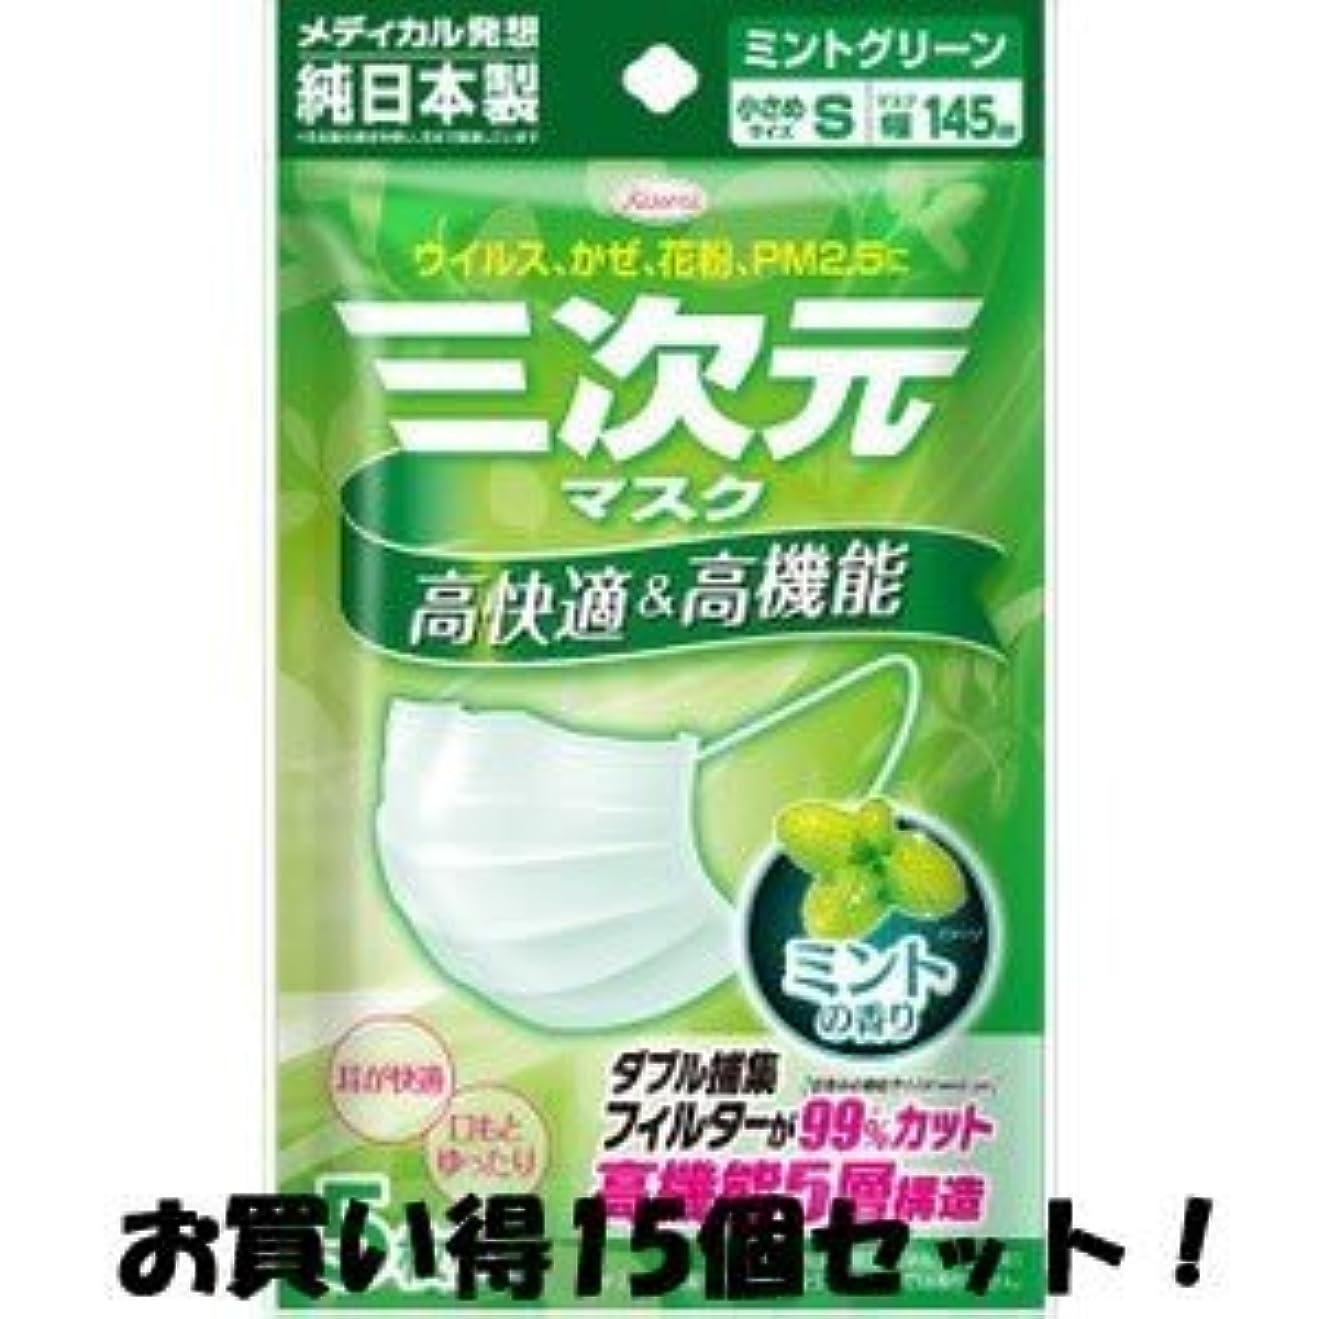 南西スリンク養う(興和新薬)三次元マスク ミントの香り グリーン 小さめSサイズ 5枚入(お買い得15個セット)